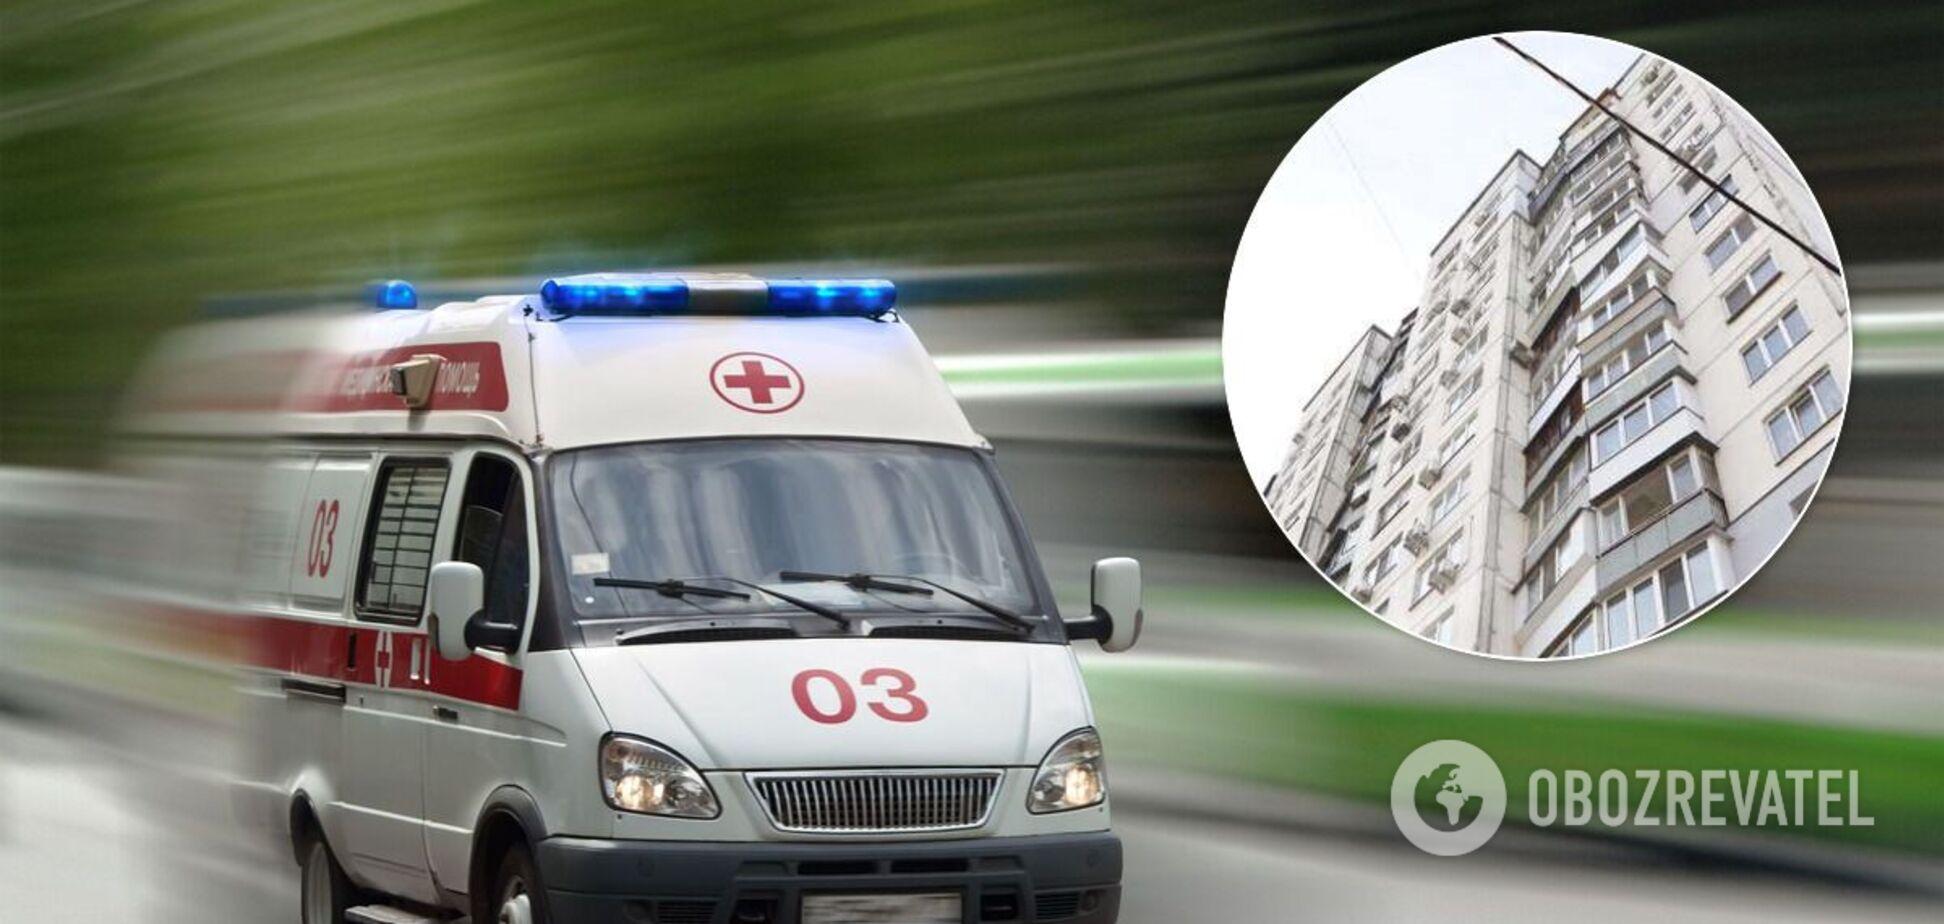 У Дніпрі 13-річна дівчинка впала в кому після падіння з багатоповерхівки. Фото